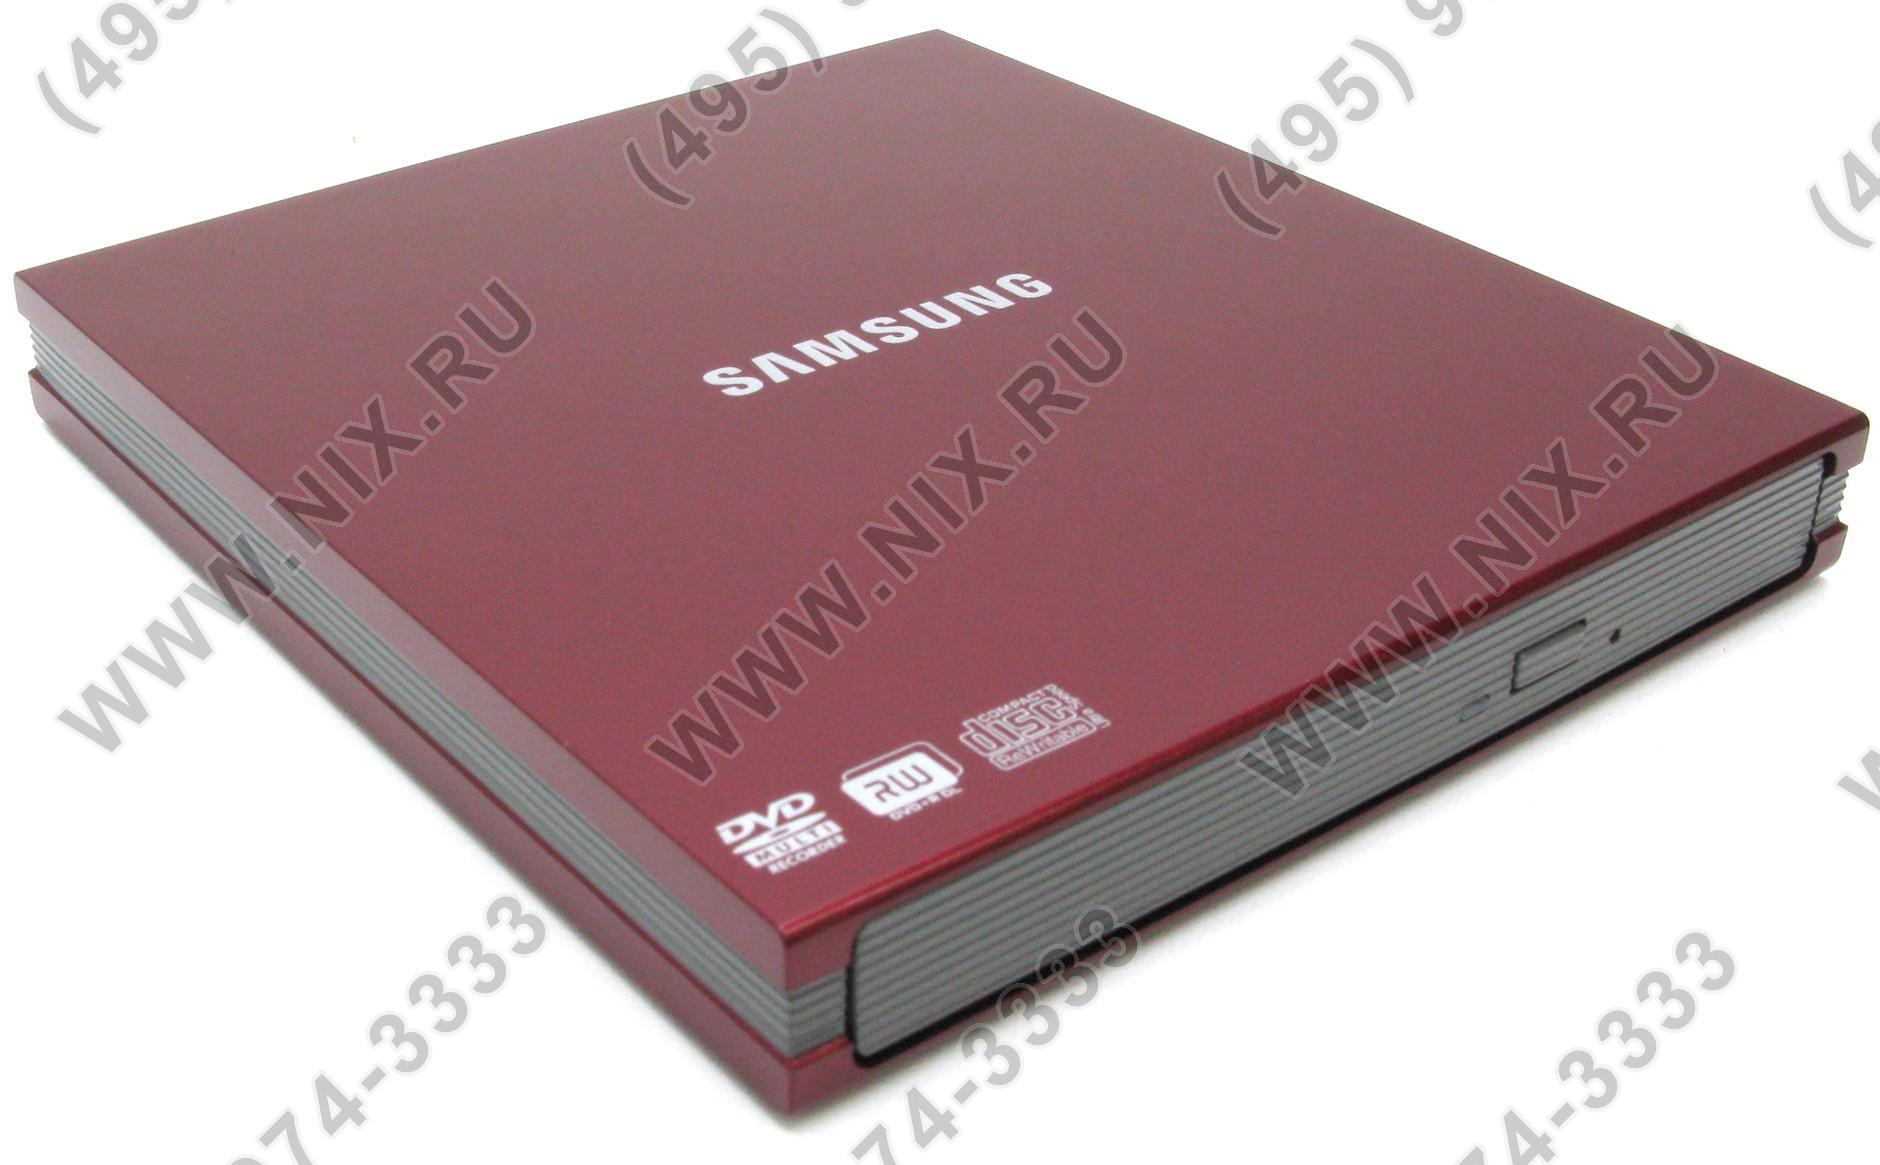 DVD RAM & DVD±R/RW & CDRW Samsung SE-S084B/RSRN RedEXT USB2.0(RTL) 5x&8(R9 6)x/8x&8(R9 6)x/6x/8x&24x/24x/24x